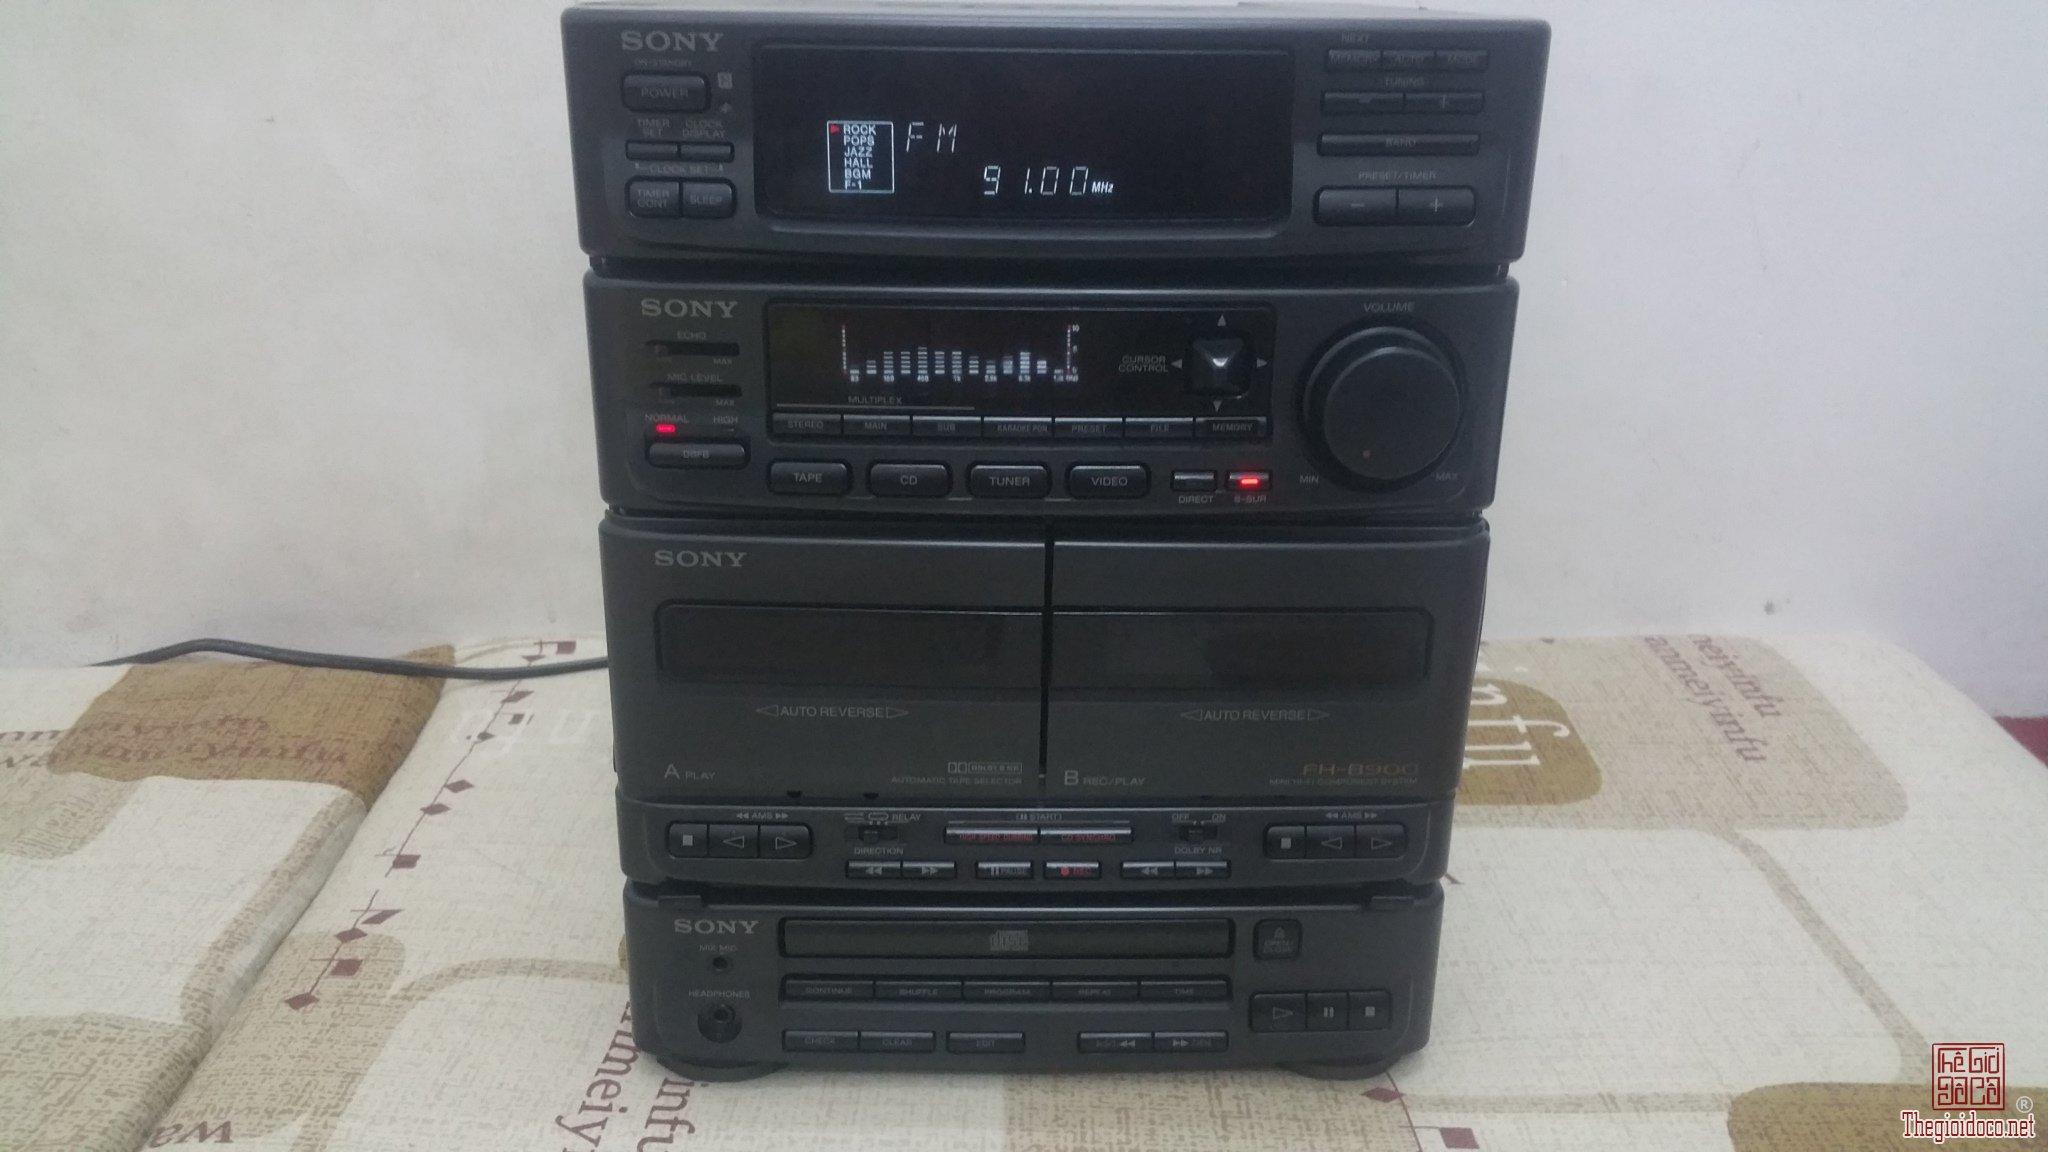 Cục giữa Ampli dàn đại SONY HCD-H71 (Made in Japan)